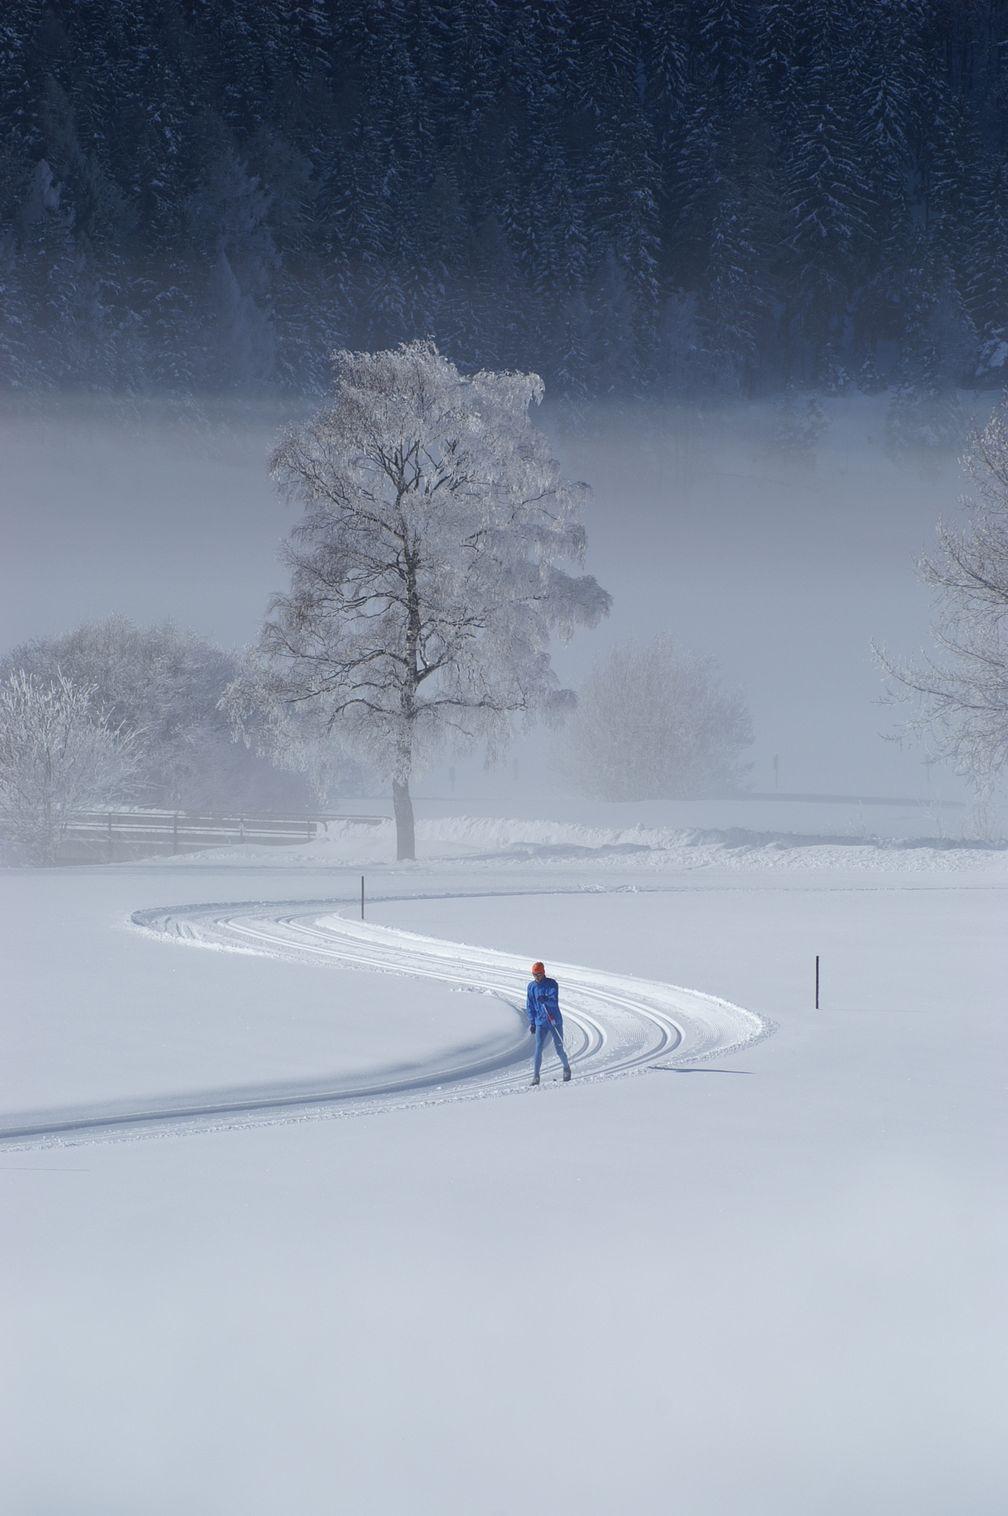 Skilanglauf zur Entspannung und Erholung (Symbolbild)